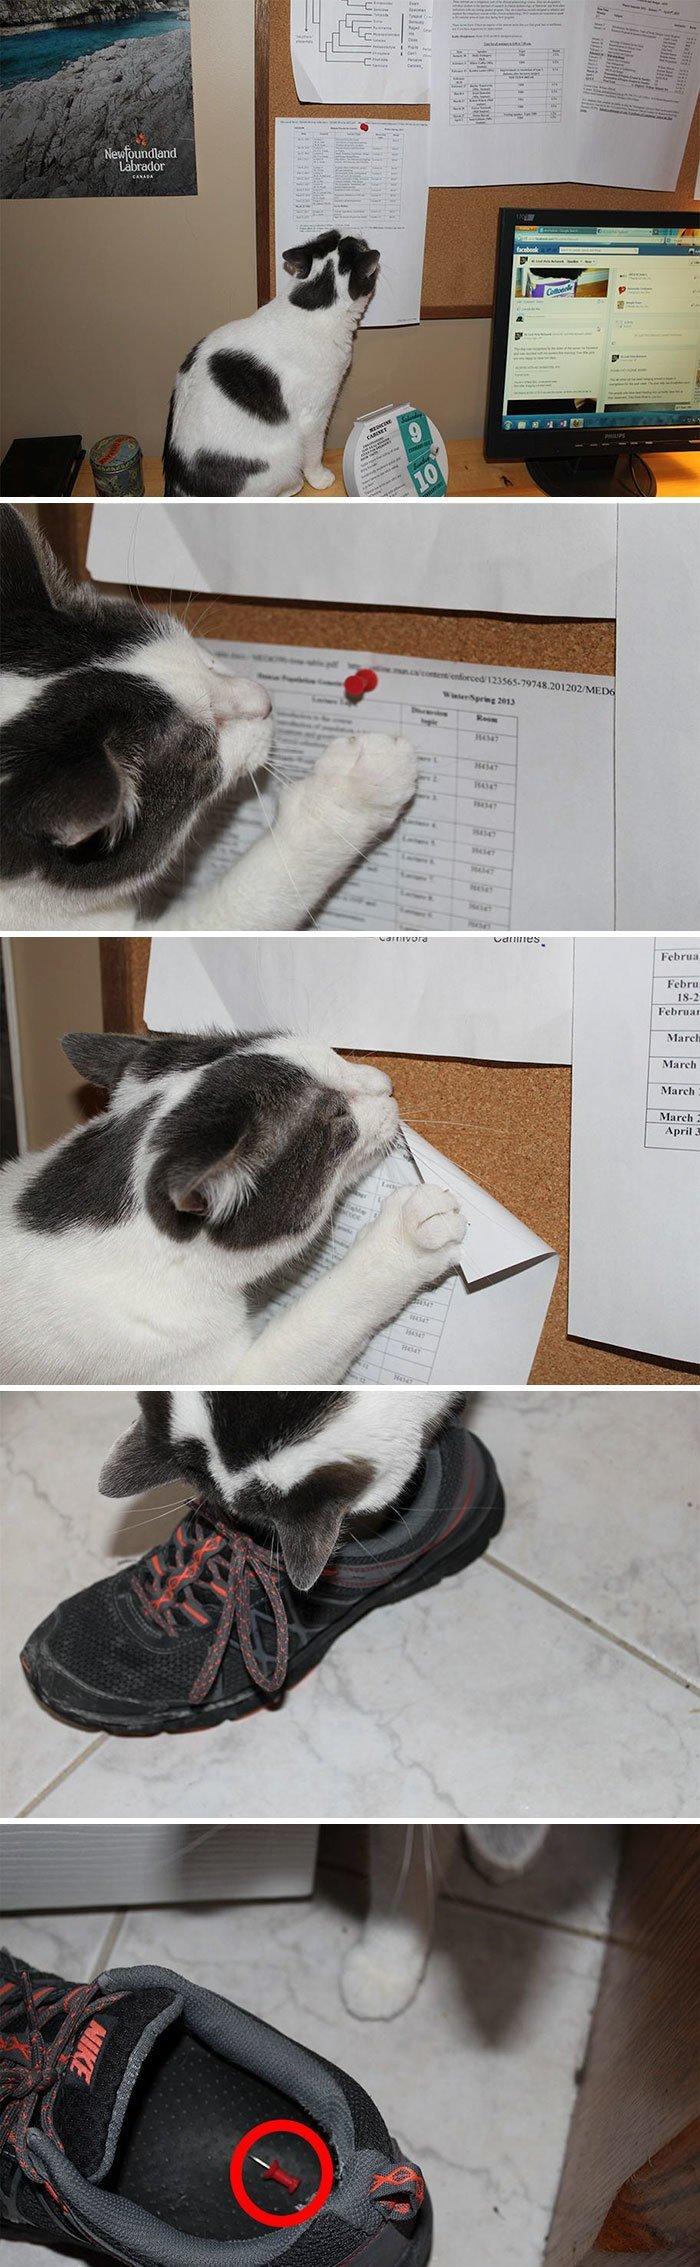 1. Застукана за своими гнусными проделками коты, коты - криминалы, кошаки, кошачести, кошки, приколы, проказы, хулиганы